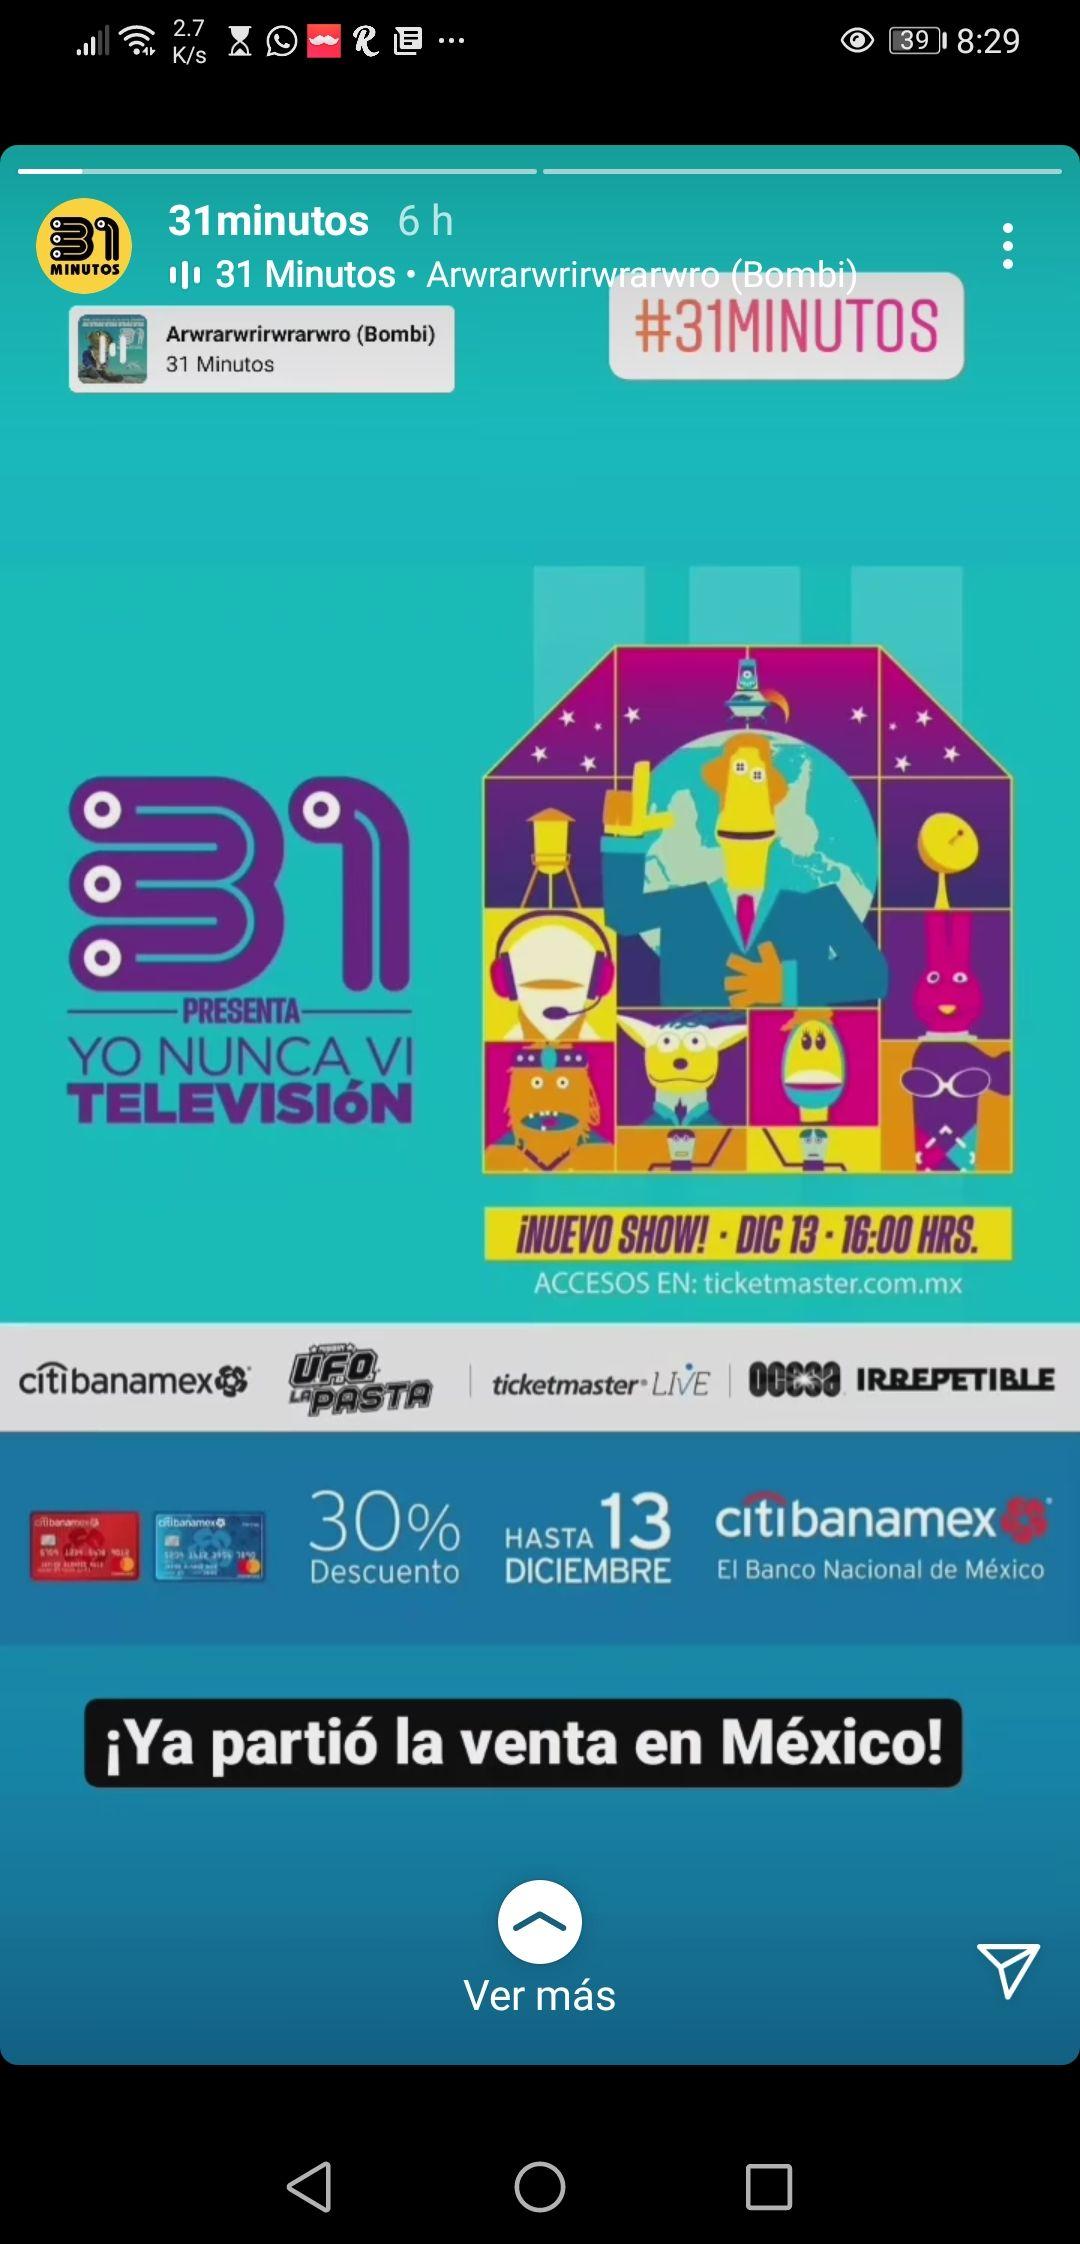 Ticketmaster: Liveshow de 31 Minutos __ 30% descuento o meses sin intereses con citibanamex